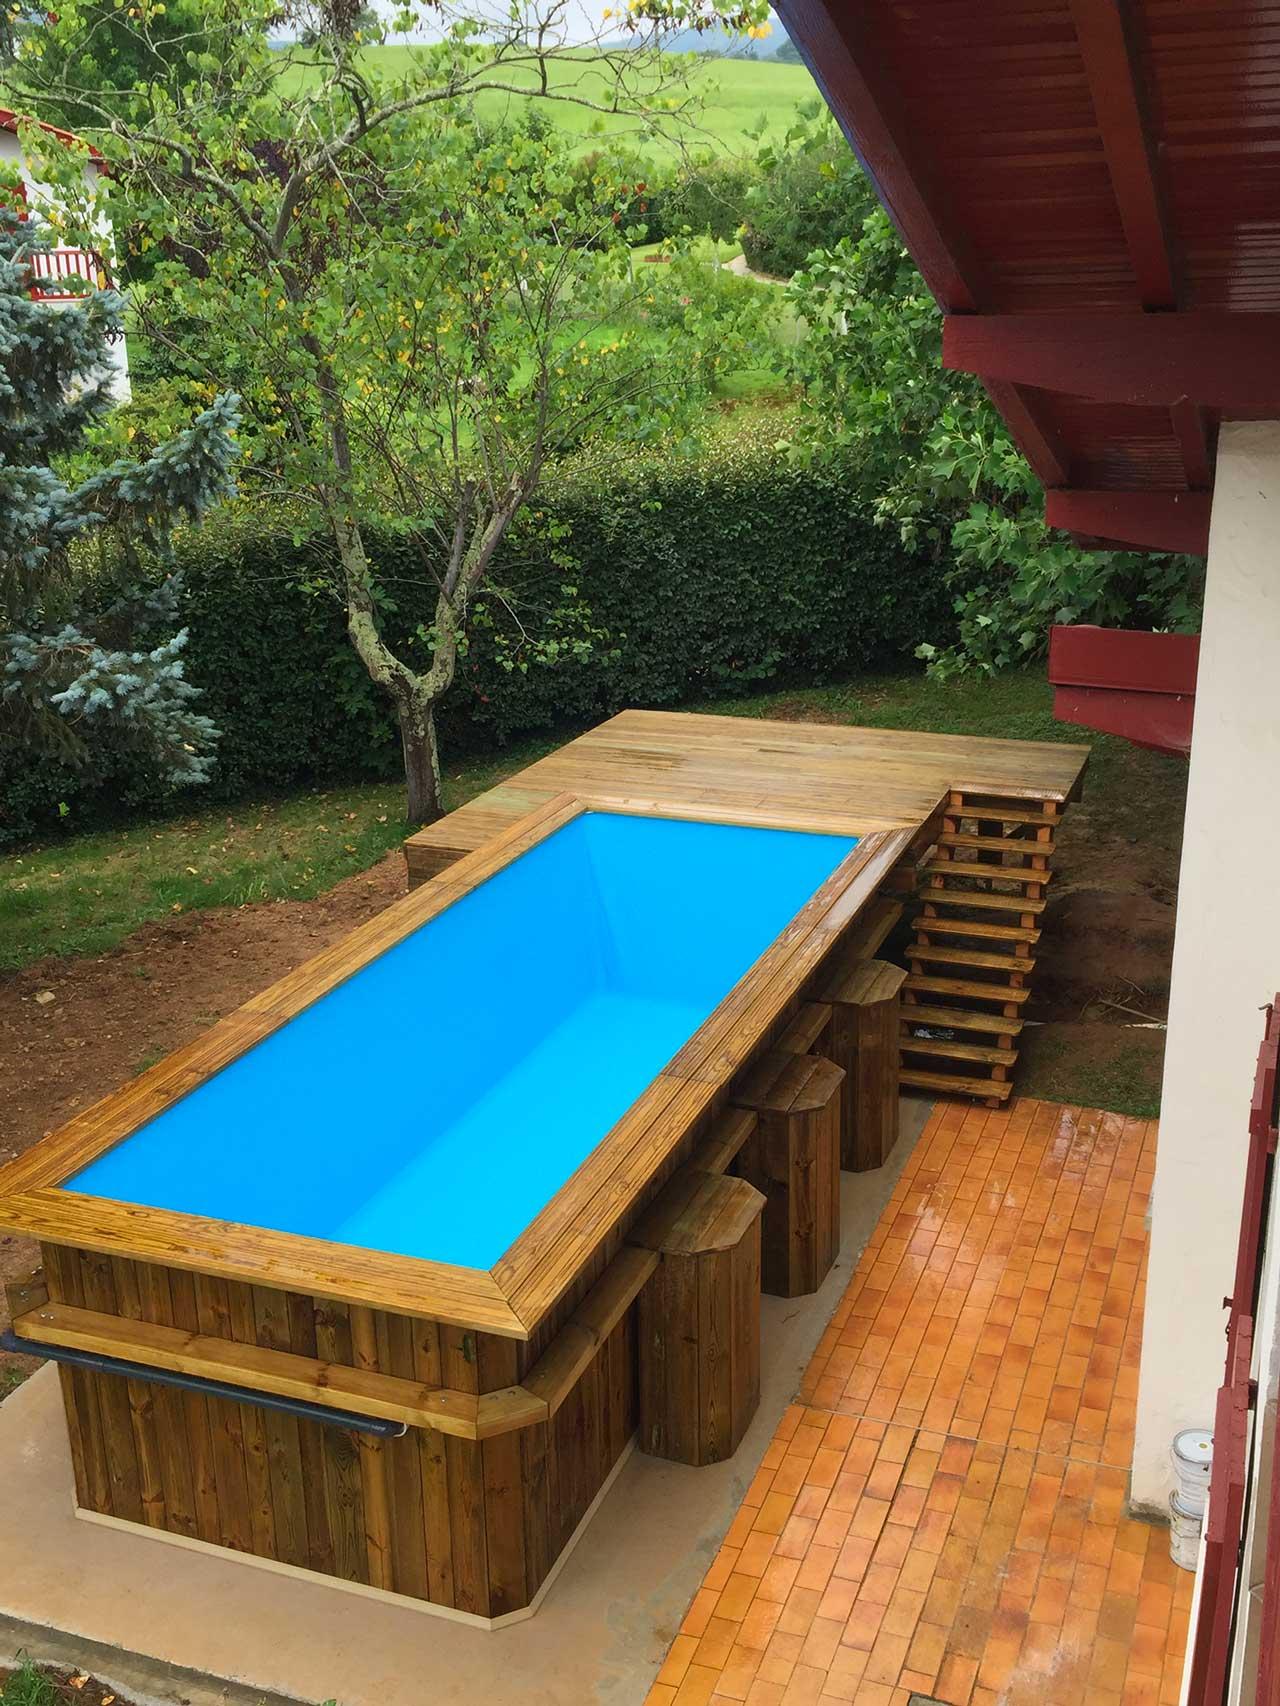 Piscine hors sol et terrasse bois - Bois et Bassin - Construction